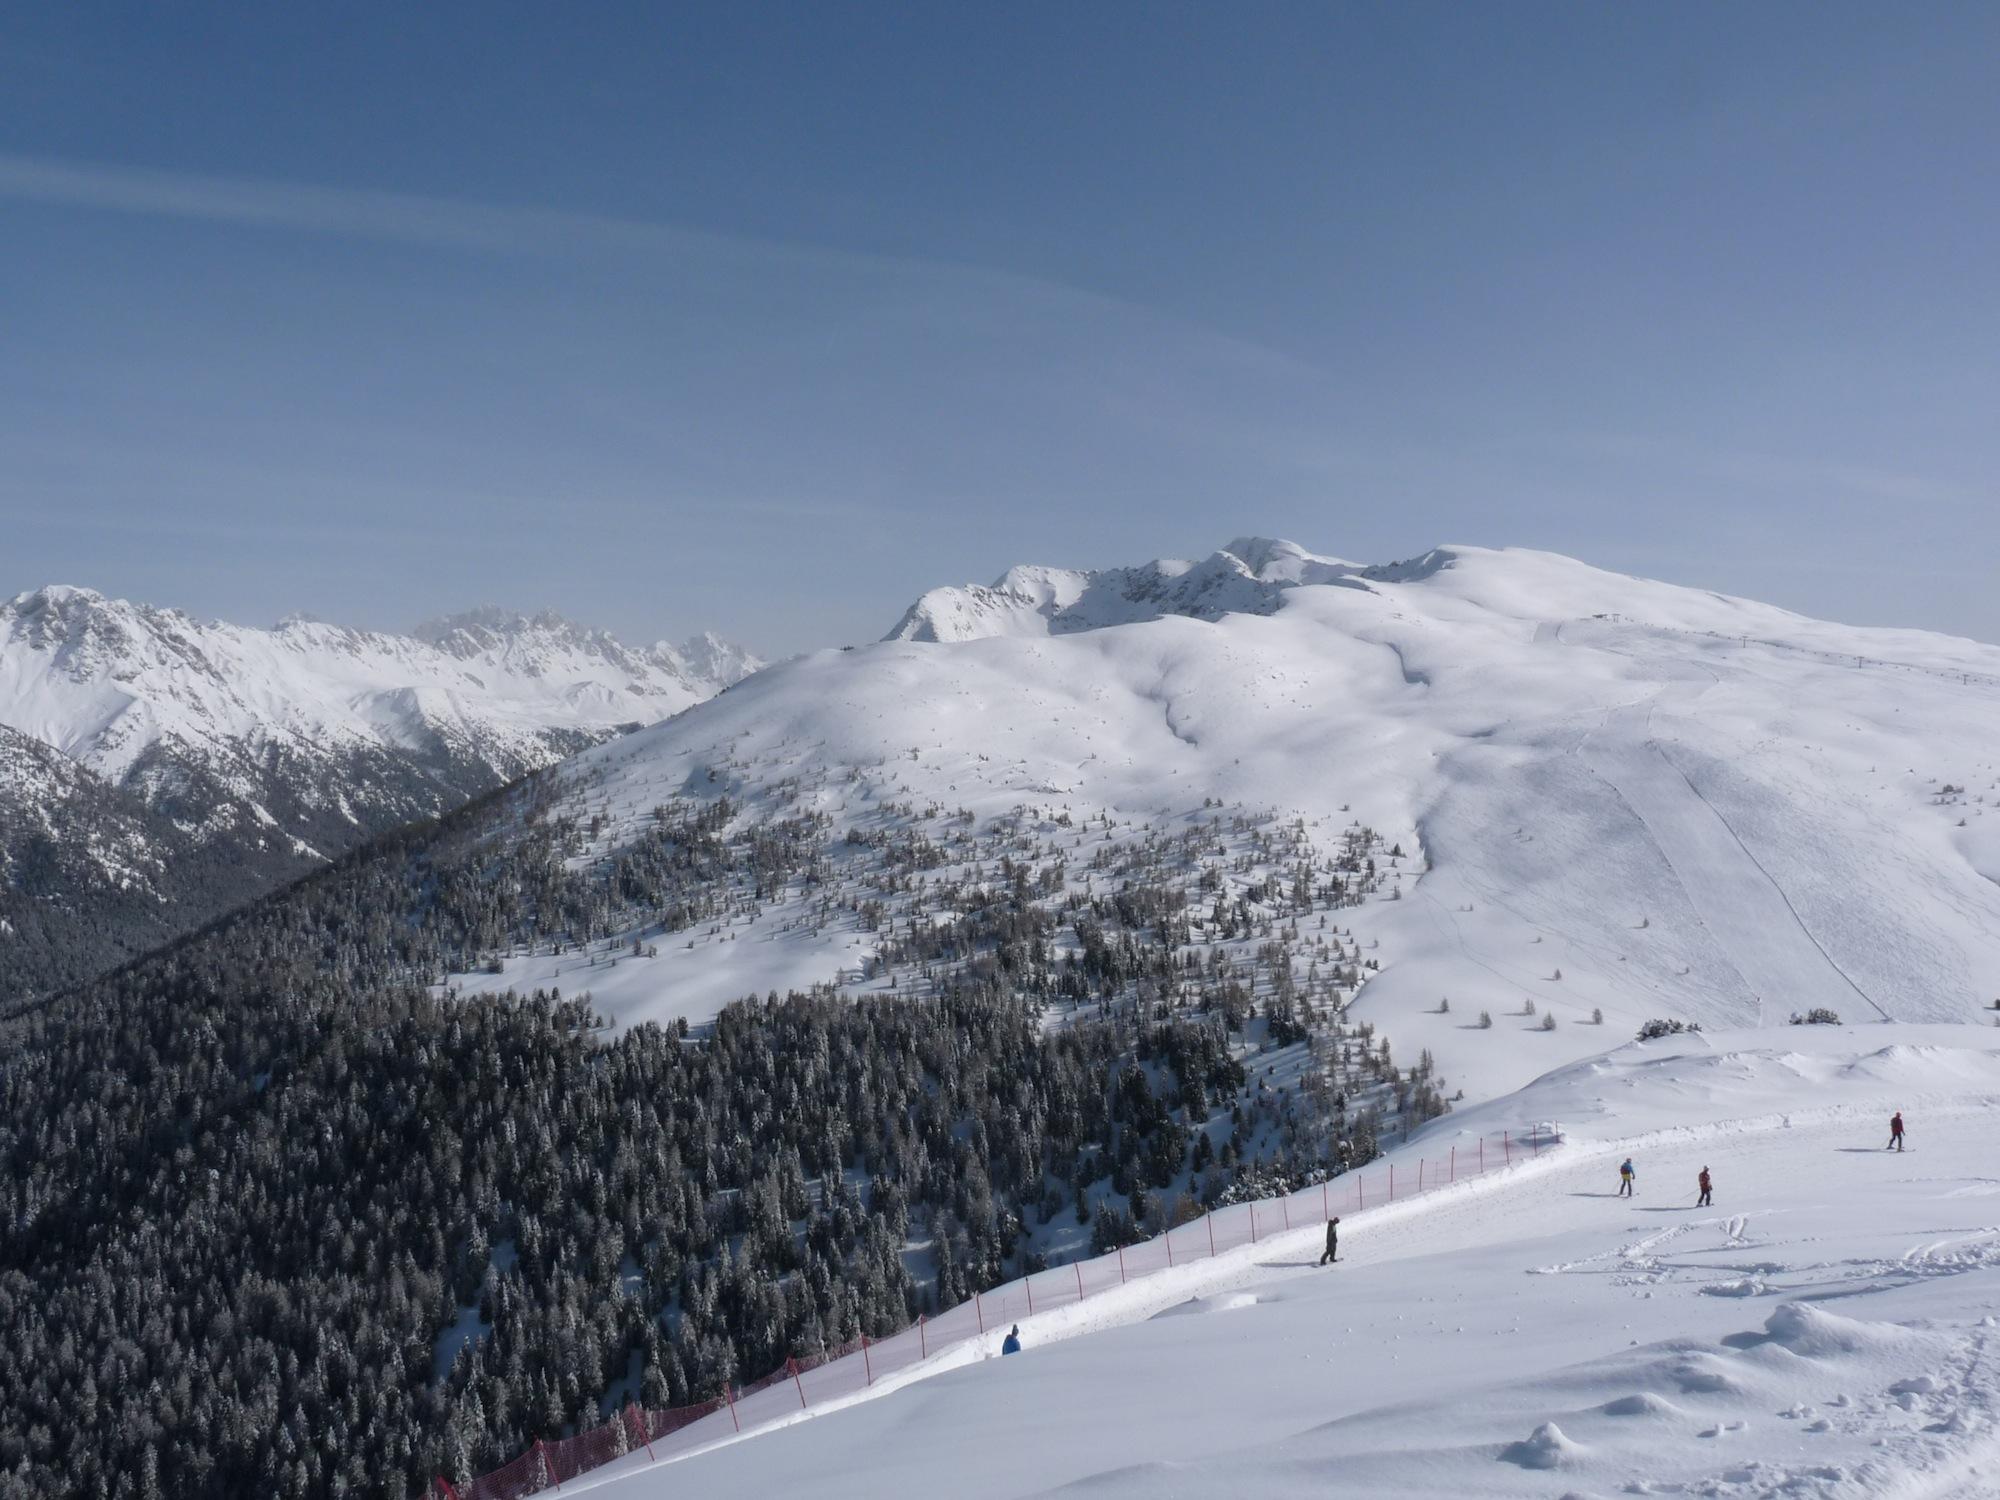 Top of Le Cune lift, Ski Area Alpe Lusia